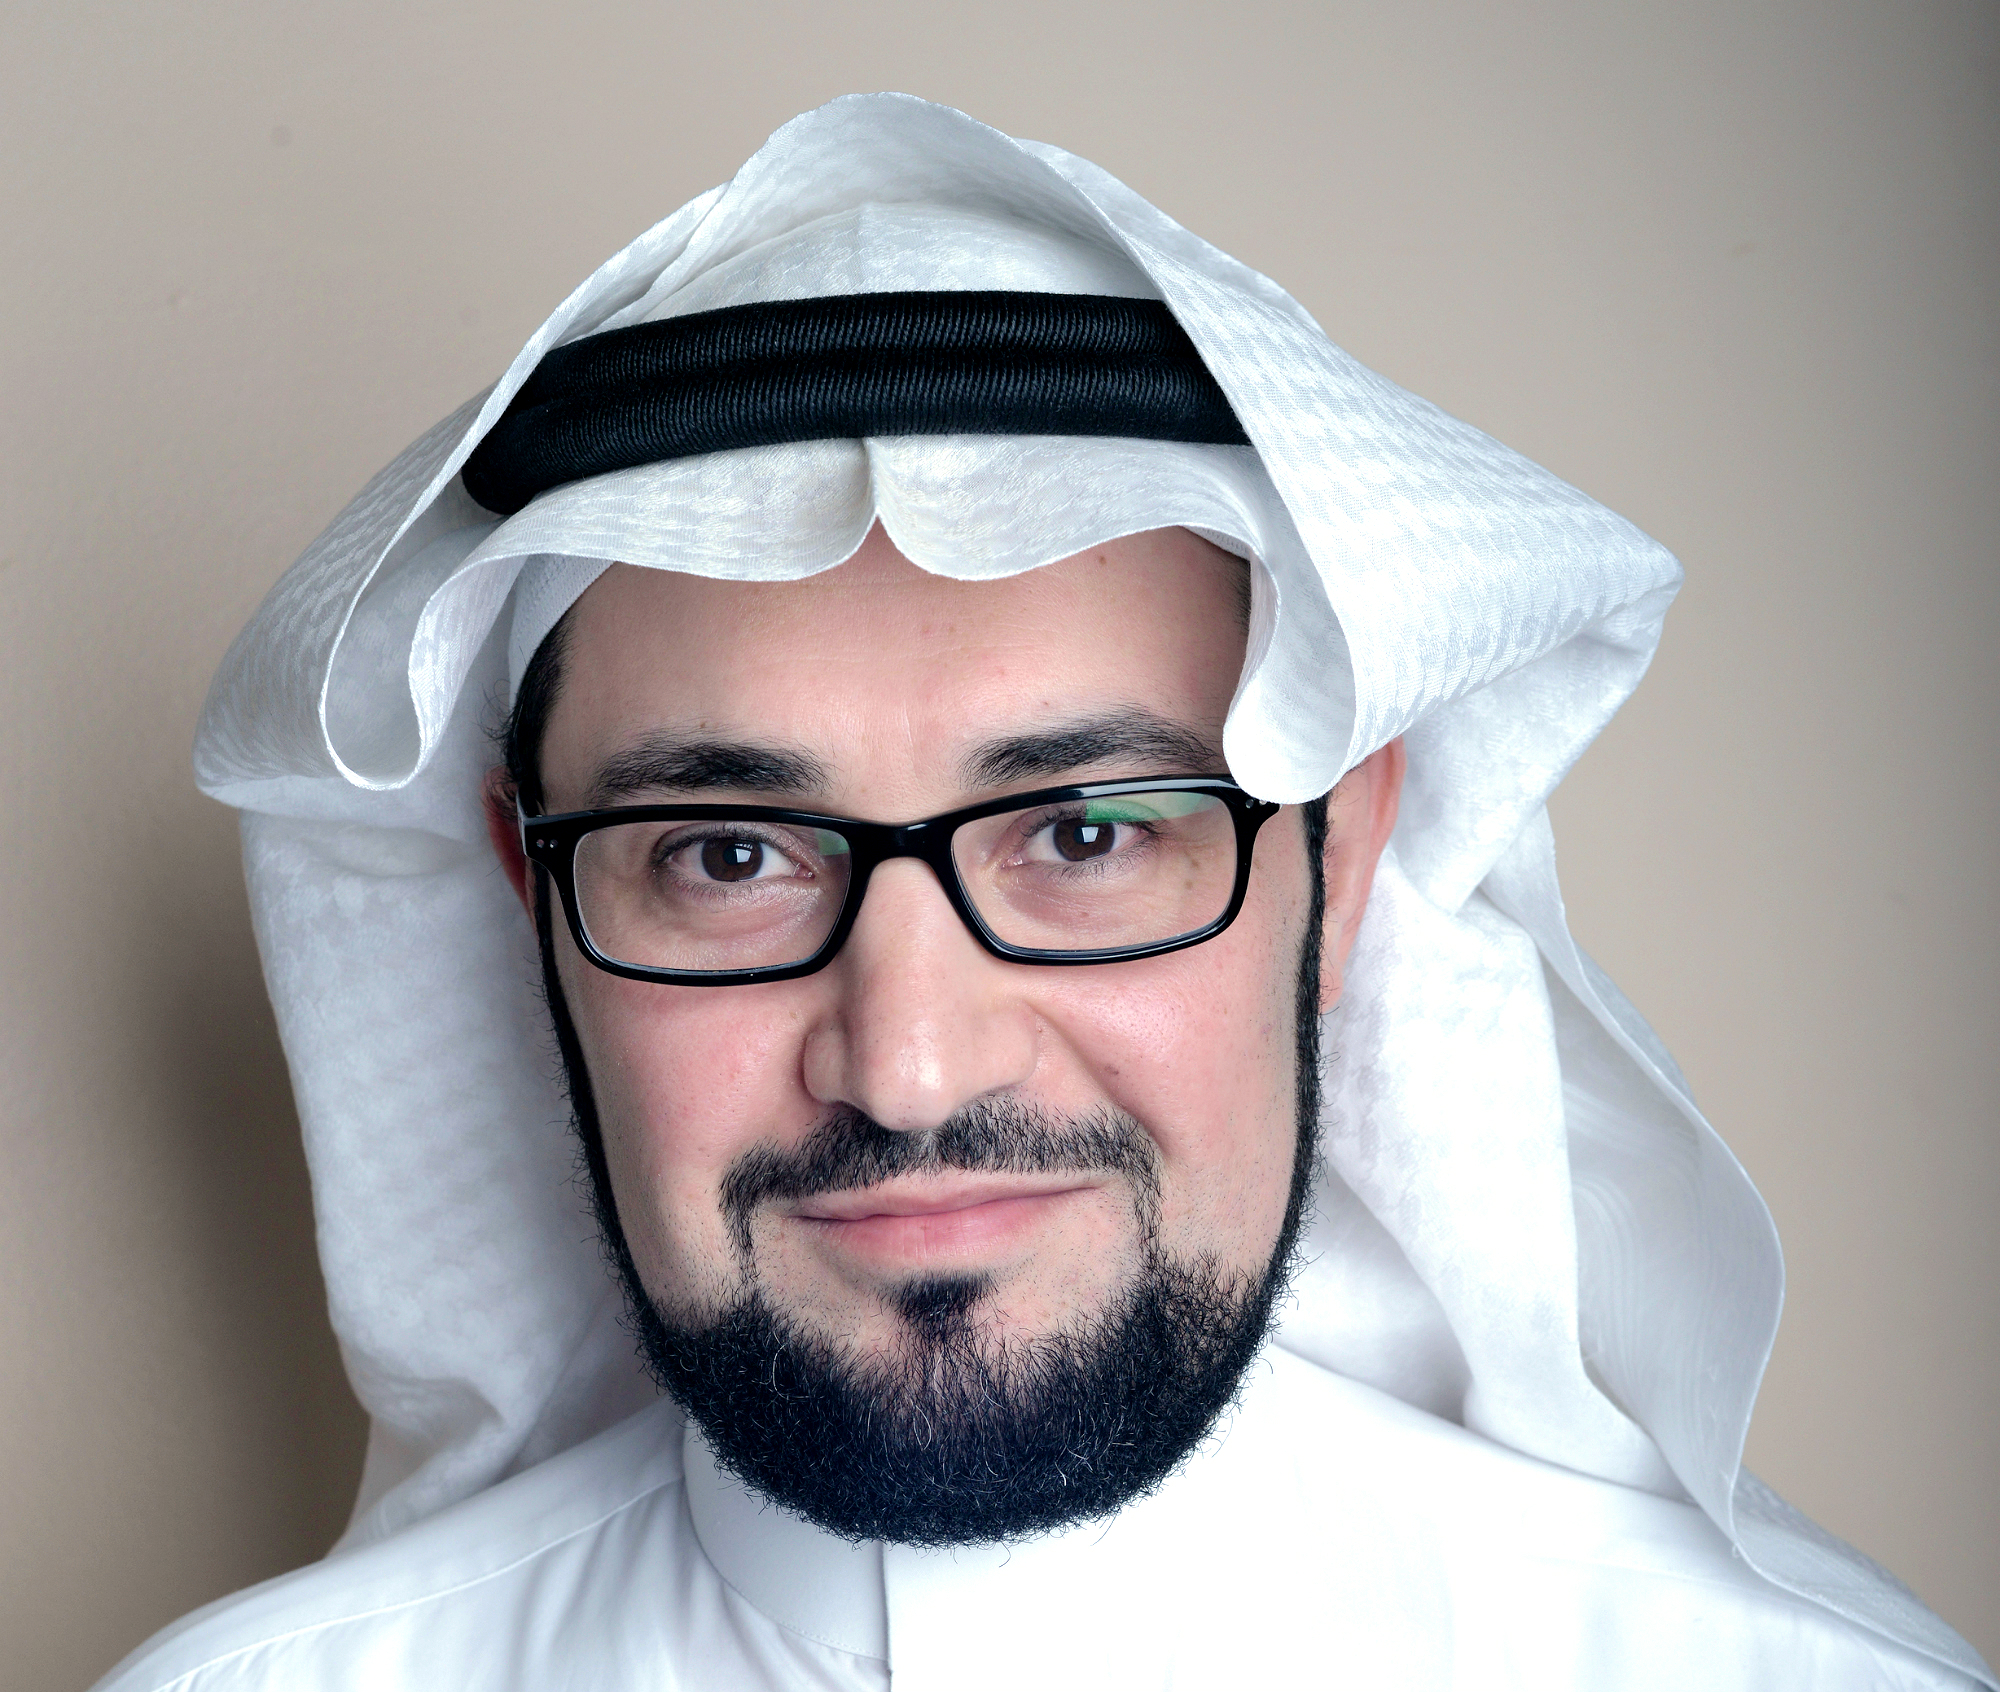 Amr Bakeer